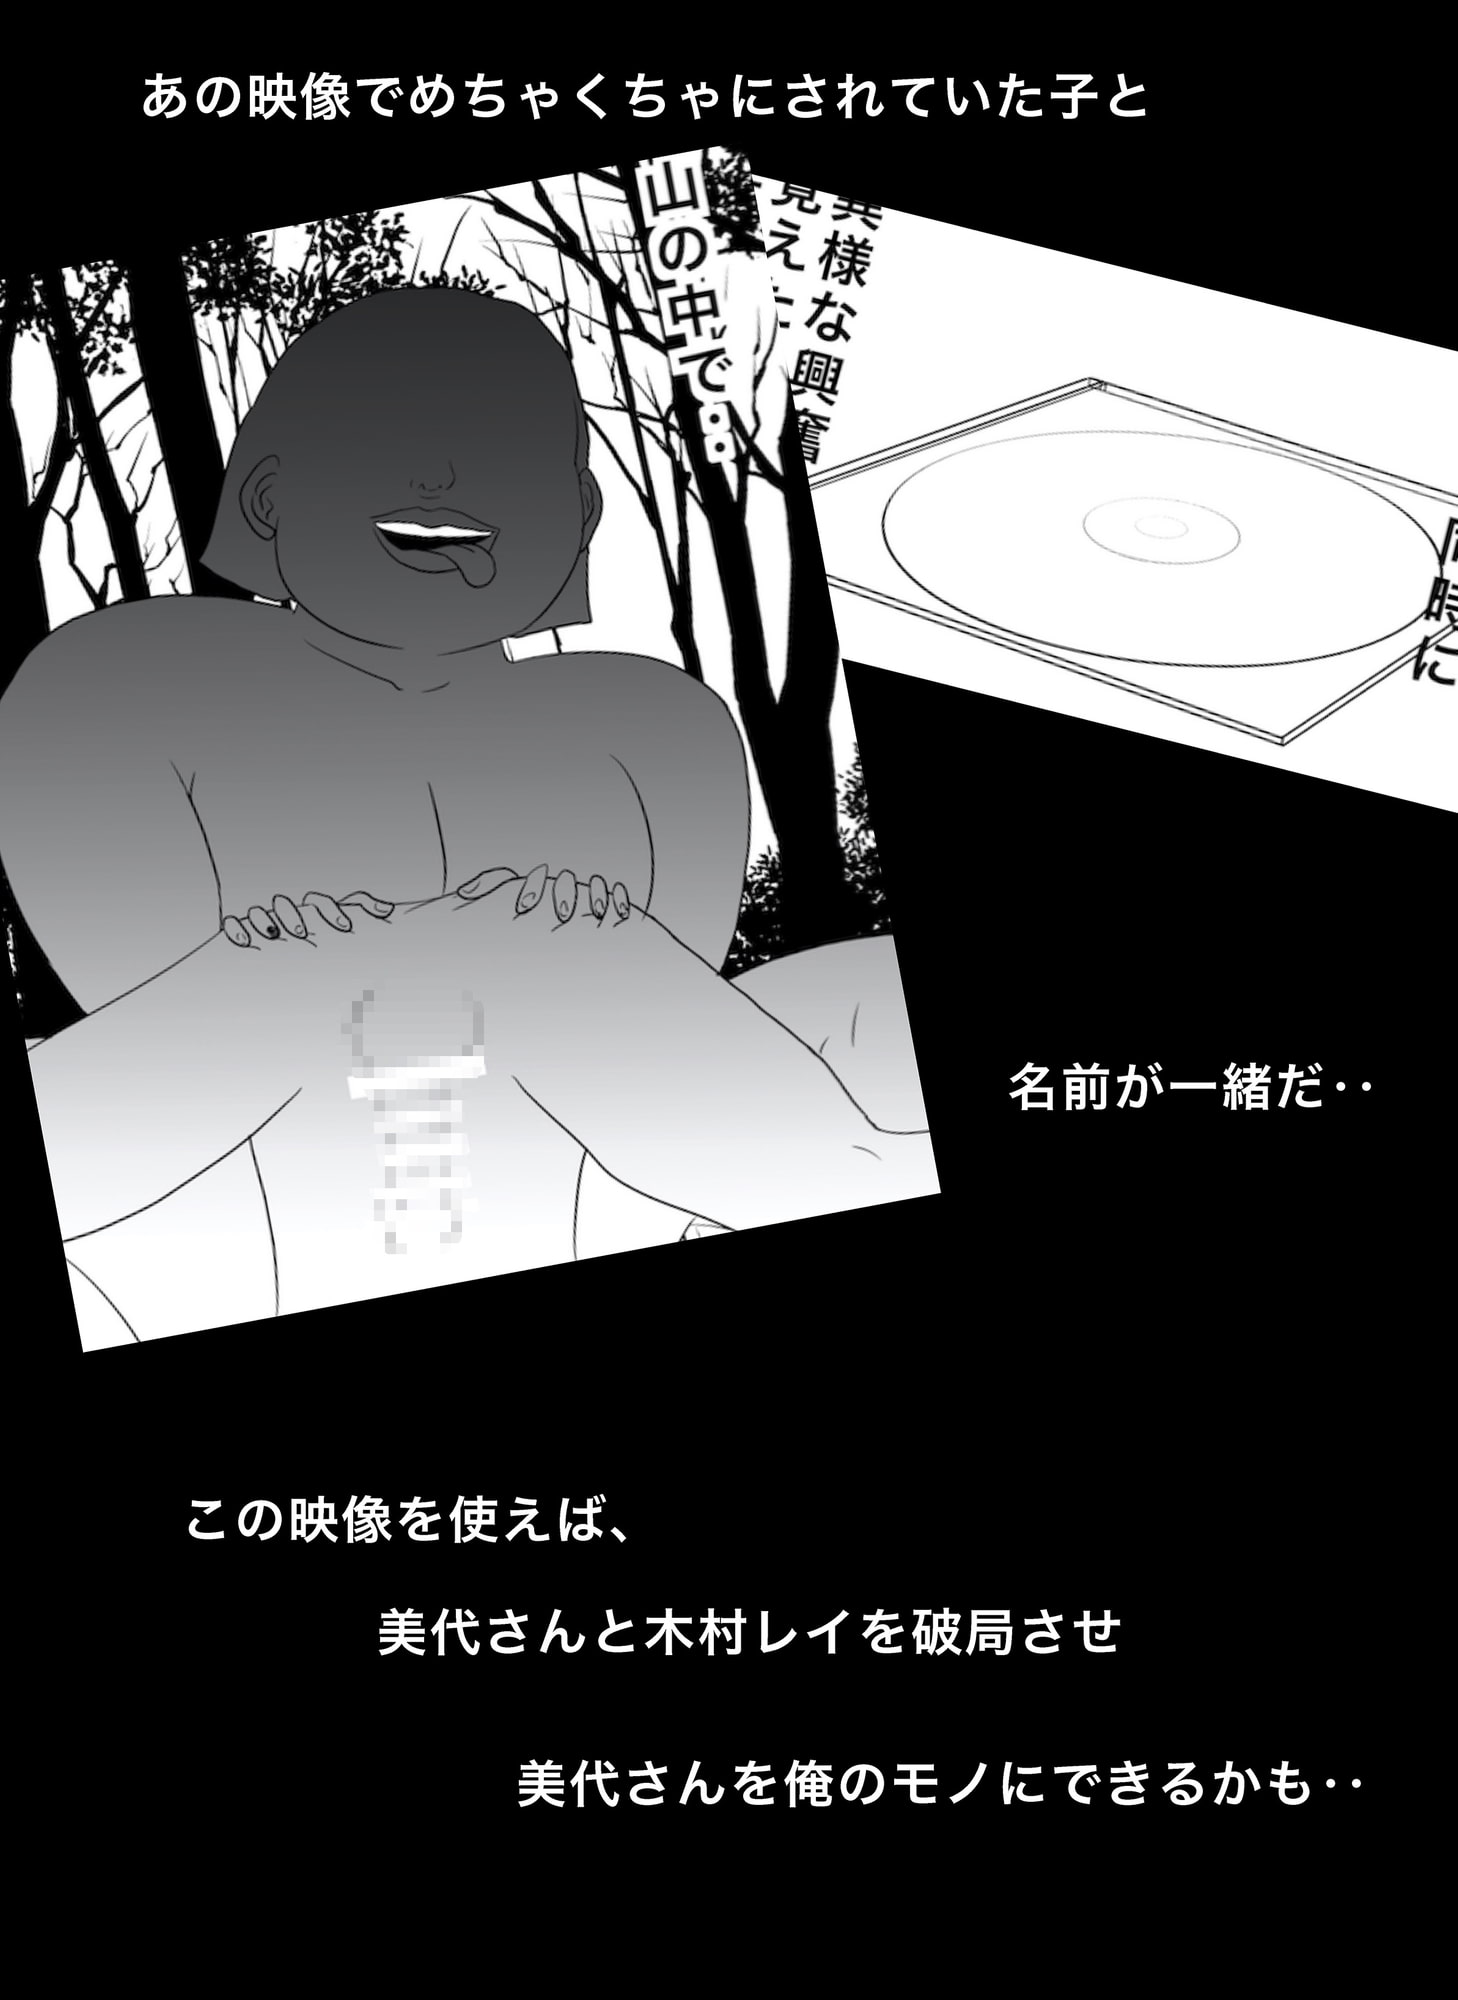 RJ329236 密かに憧れていた美代先輩が男に振られてやけ酒した後、 バカにしていた後輩にNTRされていた話 番外編 香川 [20210529]